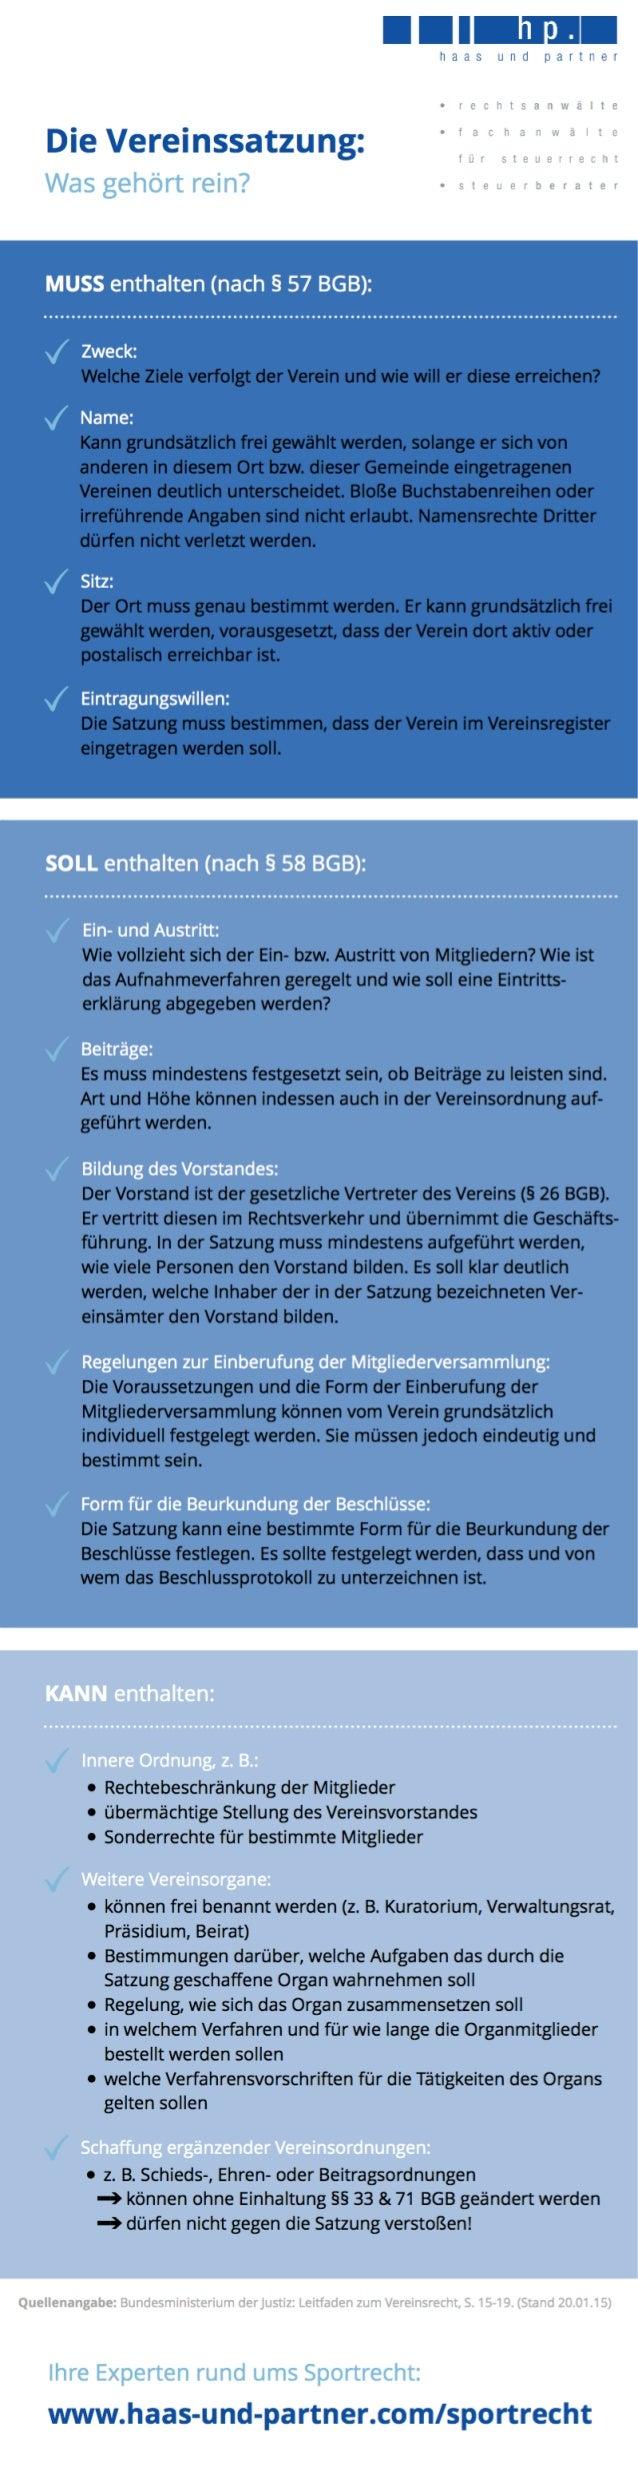 Infografik: Was gehört in die Vereinssatzung?